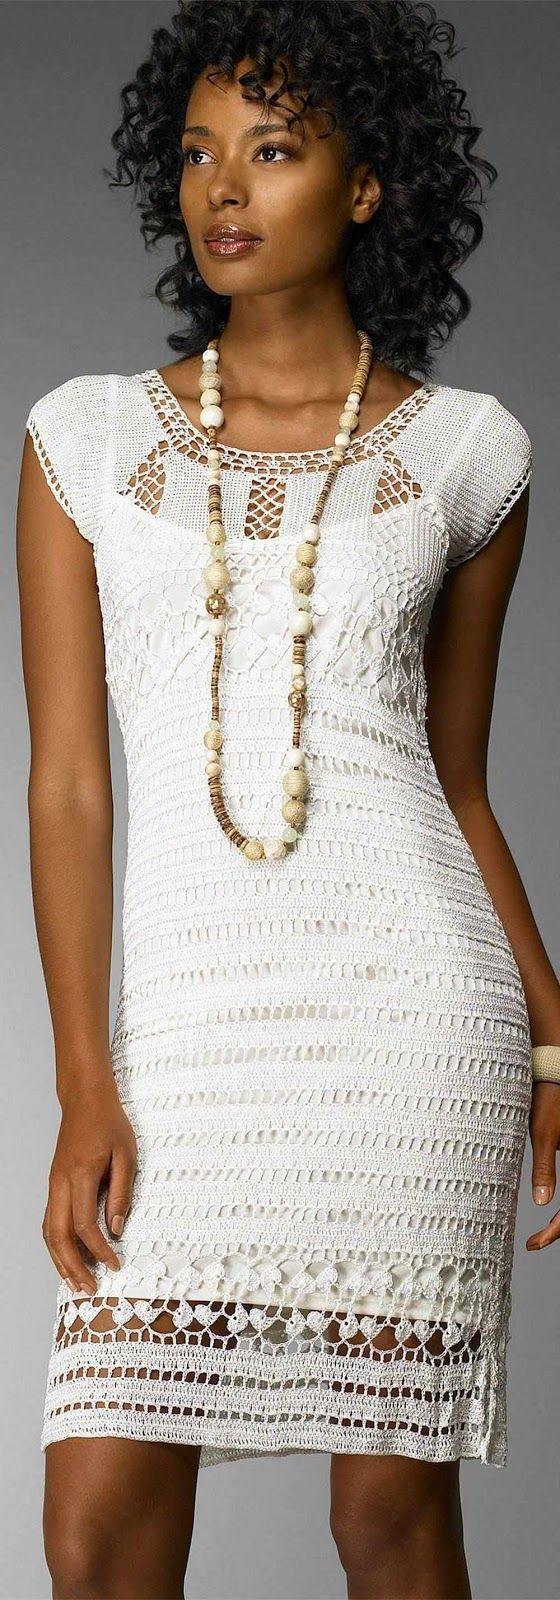 Crinochet: Dress by Nordstrom crochet dress in elegant white: